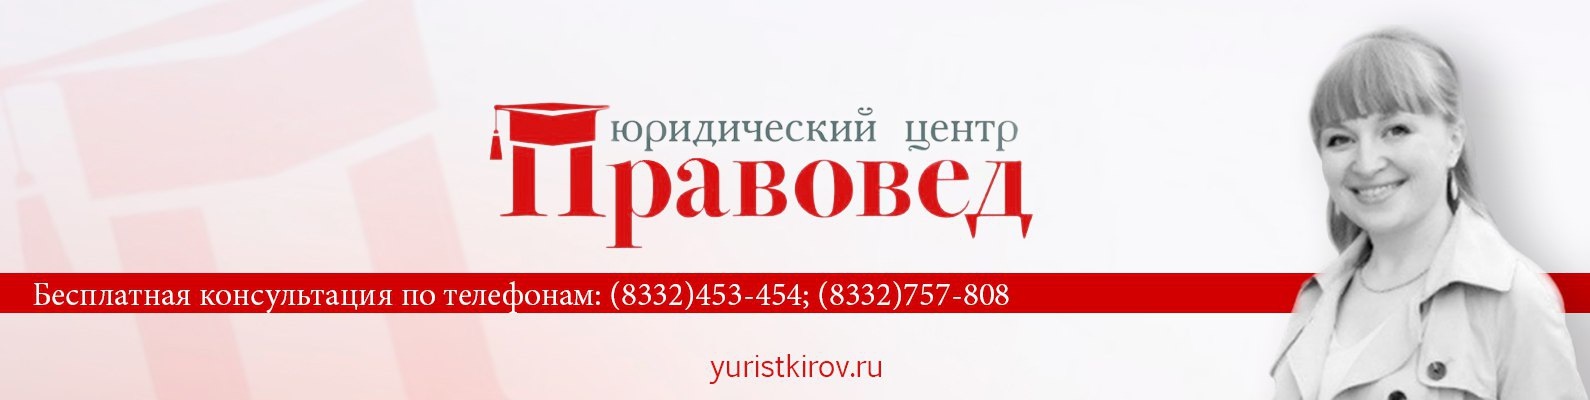 первыми юрист киров онлайн консультация бесплатно Элвину